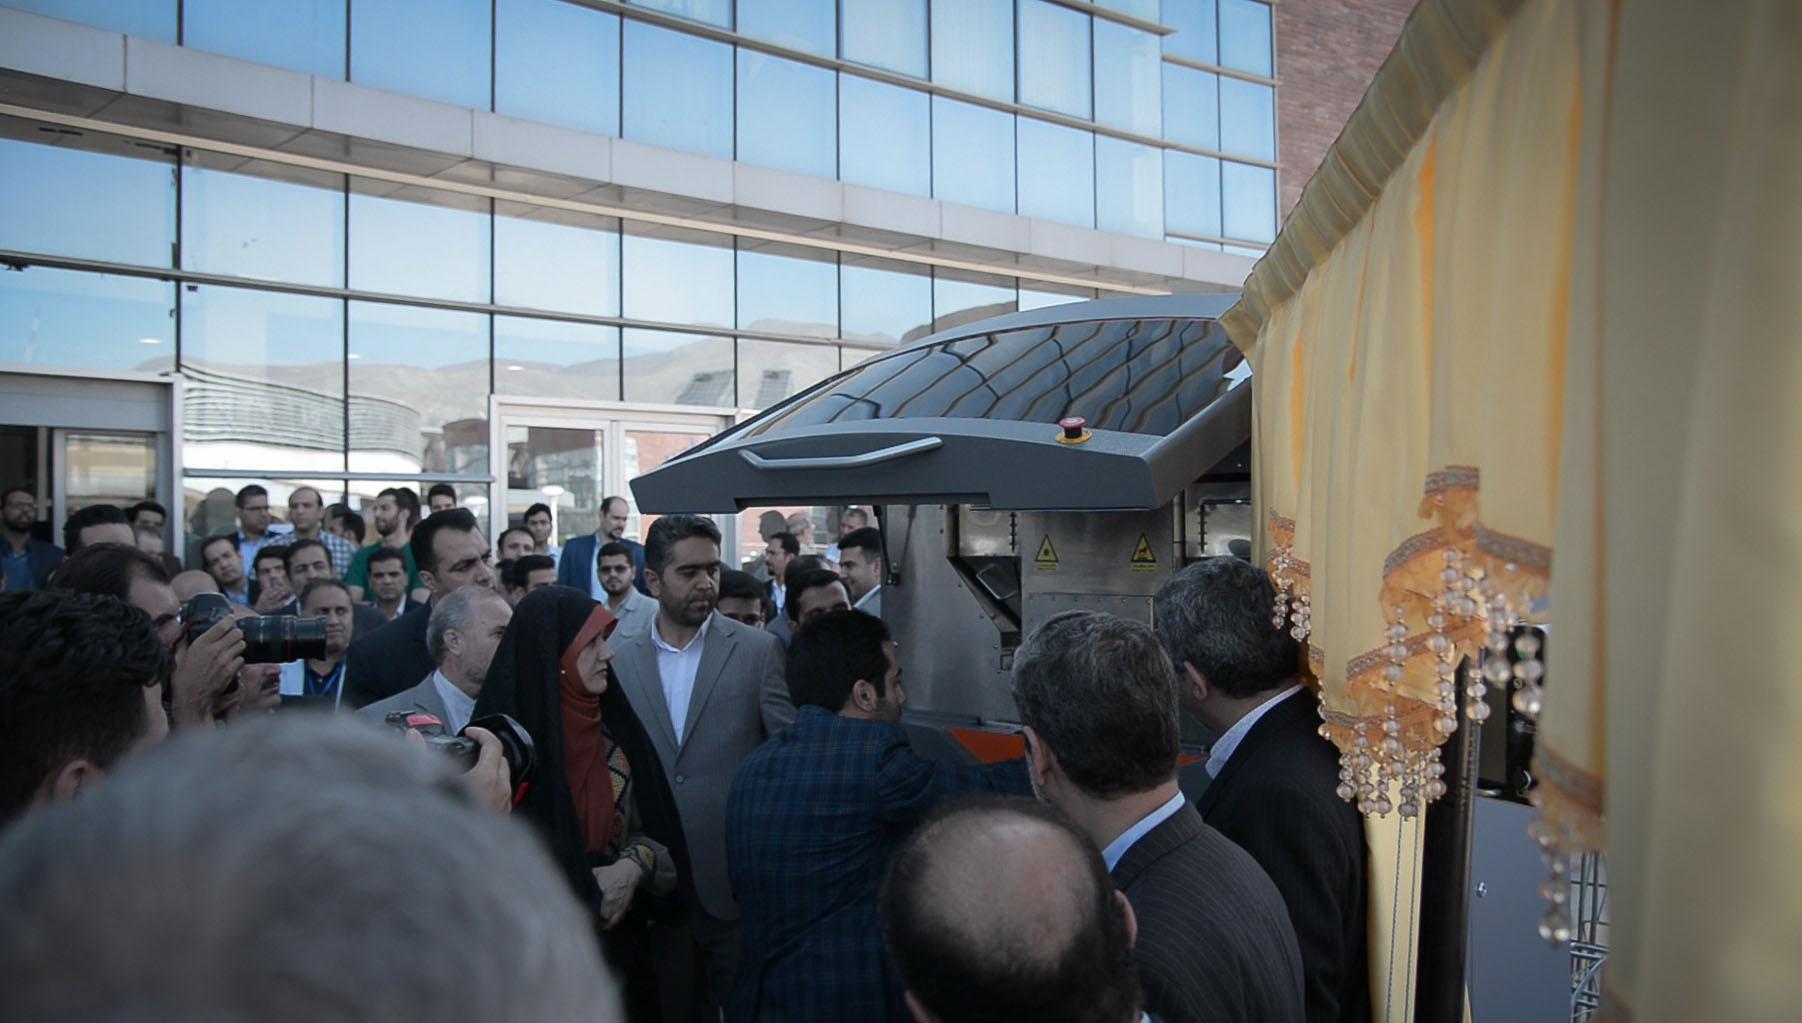 پرینتر ۳ بعدی SLS ایرانی تیوان R230 در پارک فناوری پردیس رونمایی شد